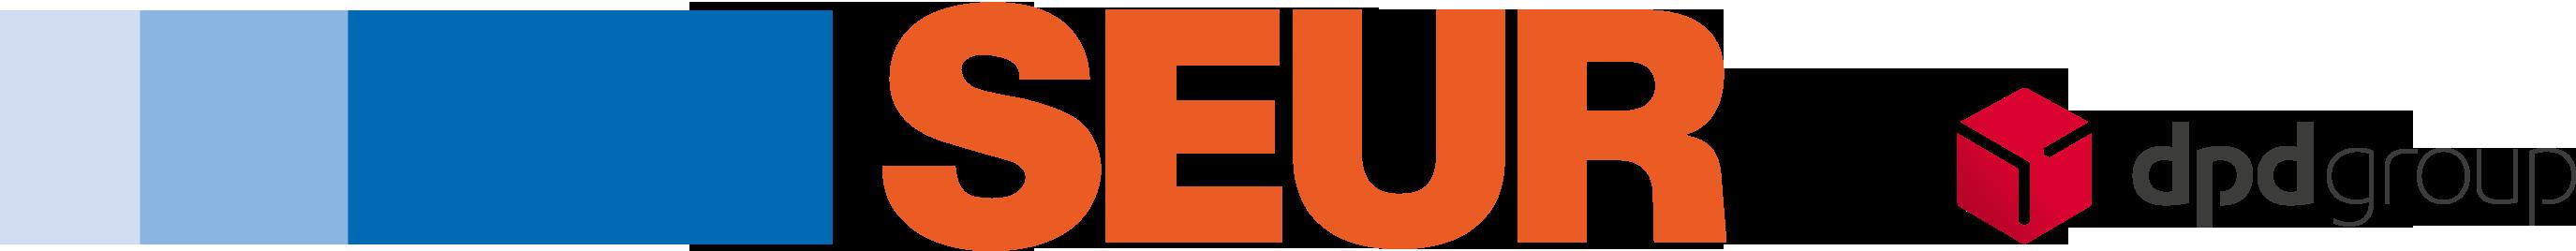 Seur patrocina la Liga Española de Debate Universitario (LEDU)